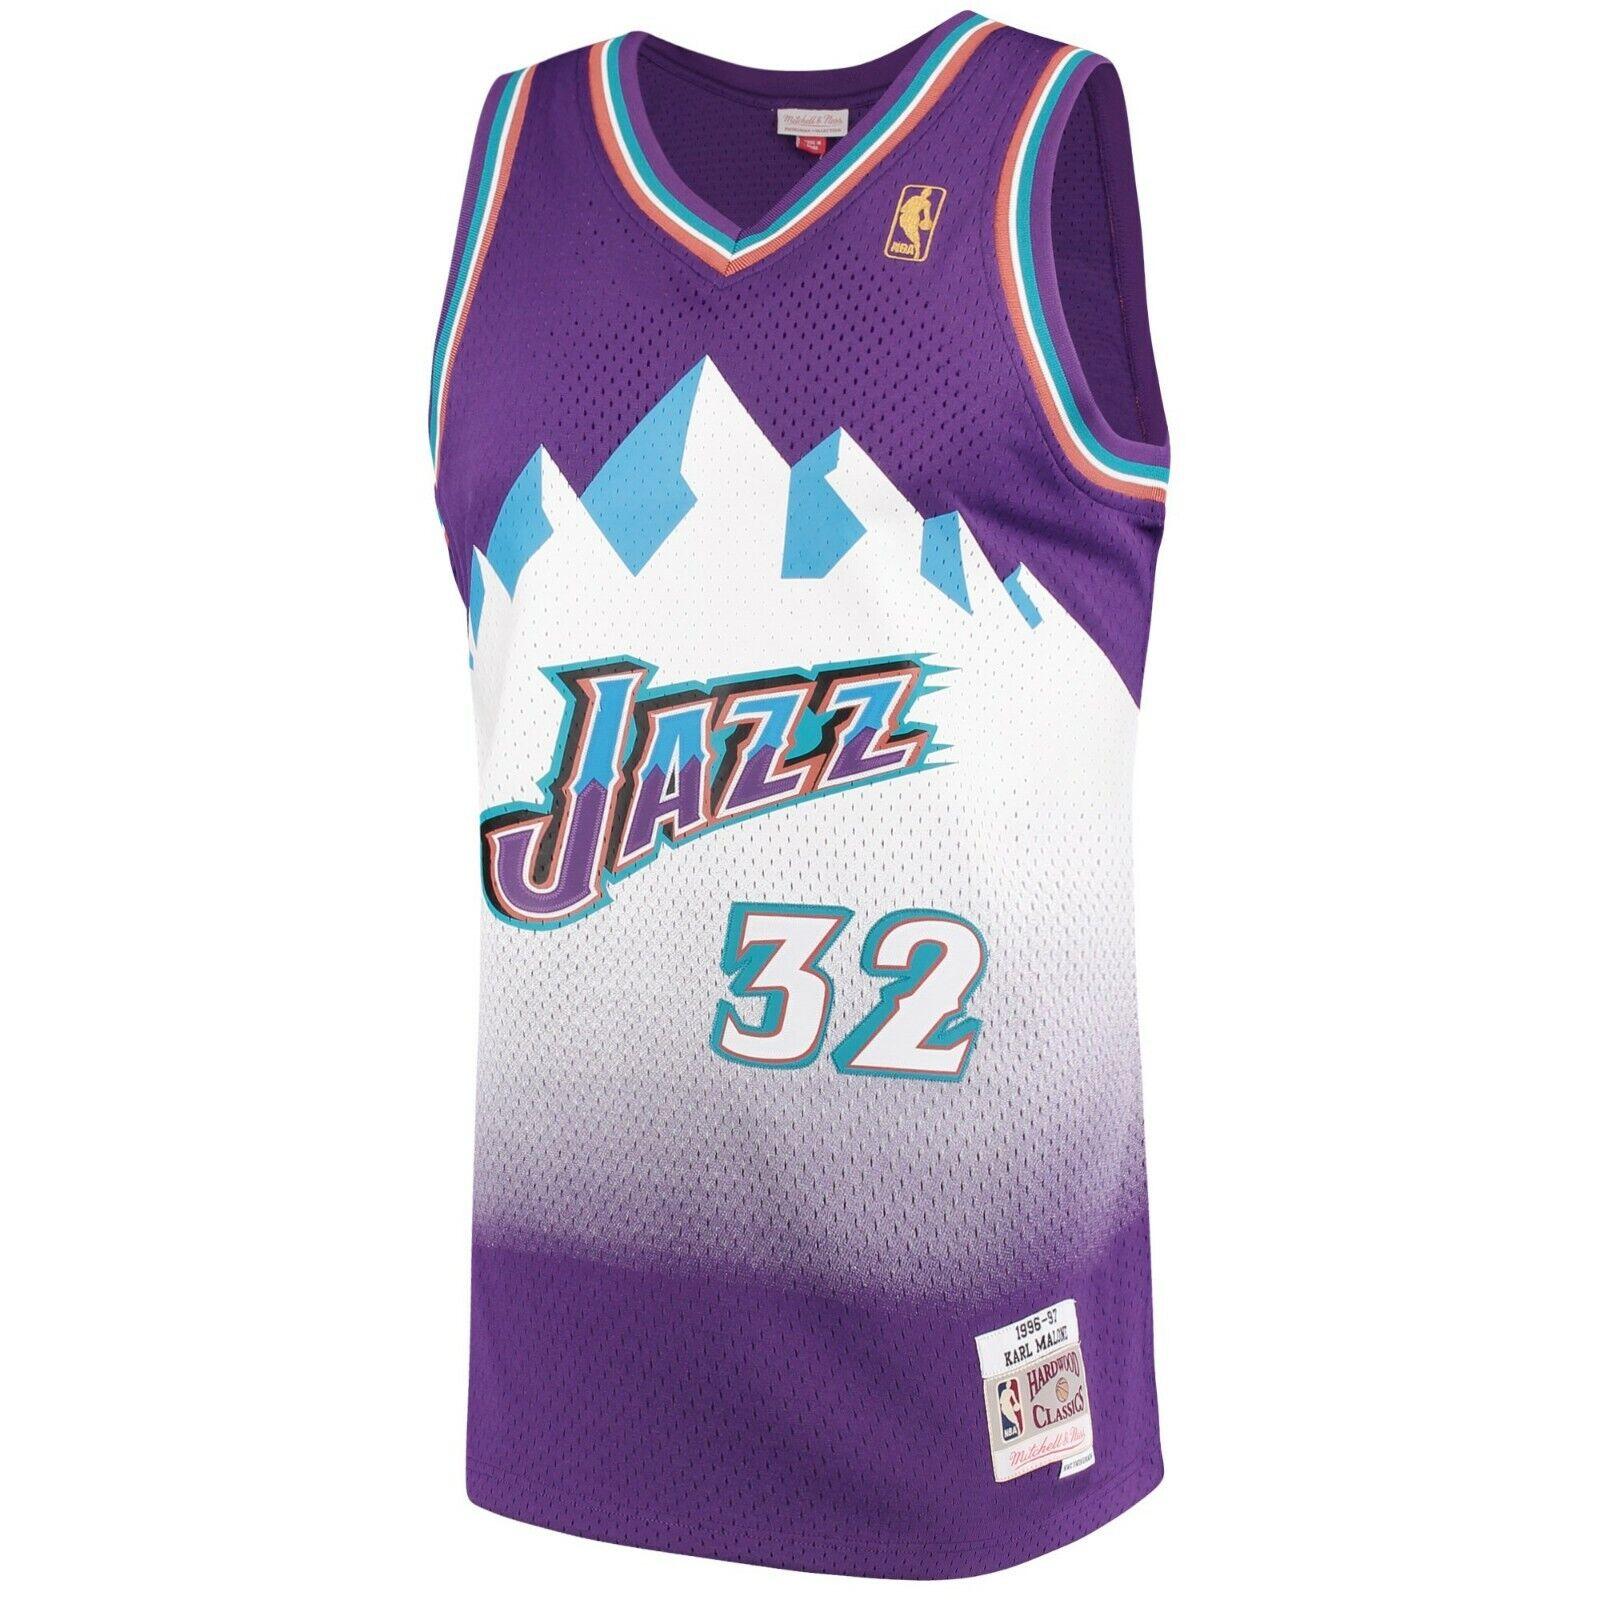 purchase cheap aaa0a 1782c Details about Mitchell & Ness Swingman NBA Utah Jazz #32 Karl Malone Purple  / White Jersey